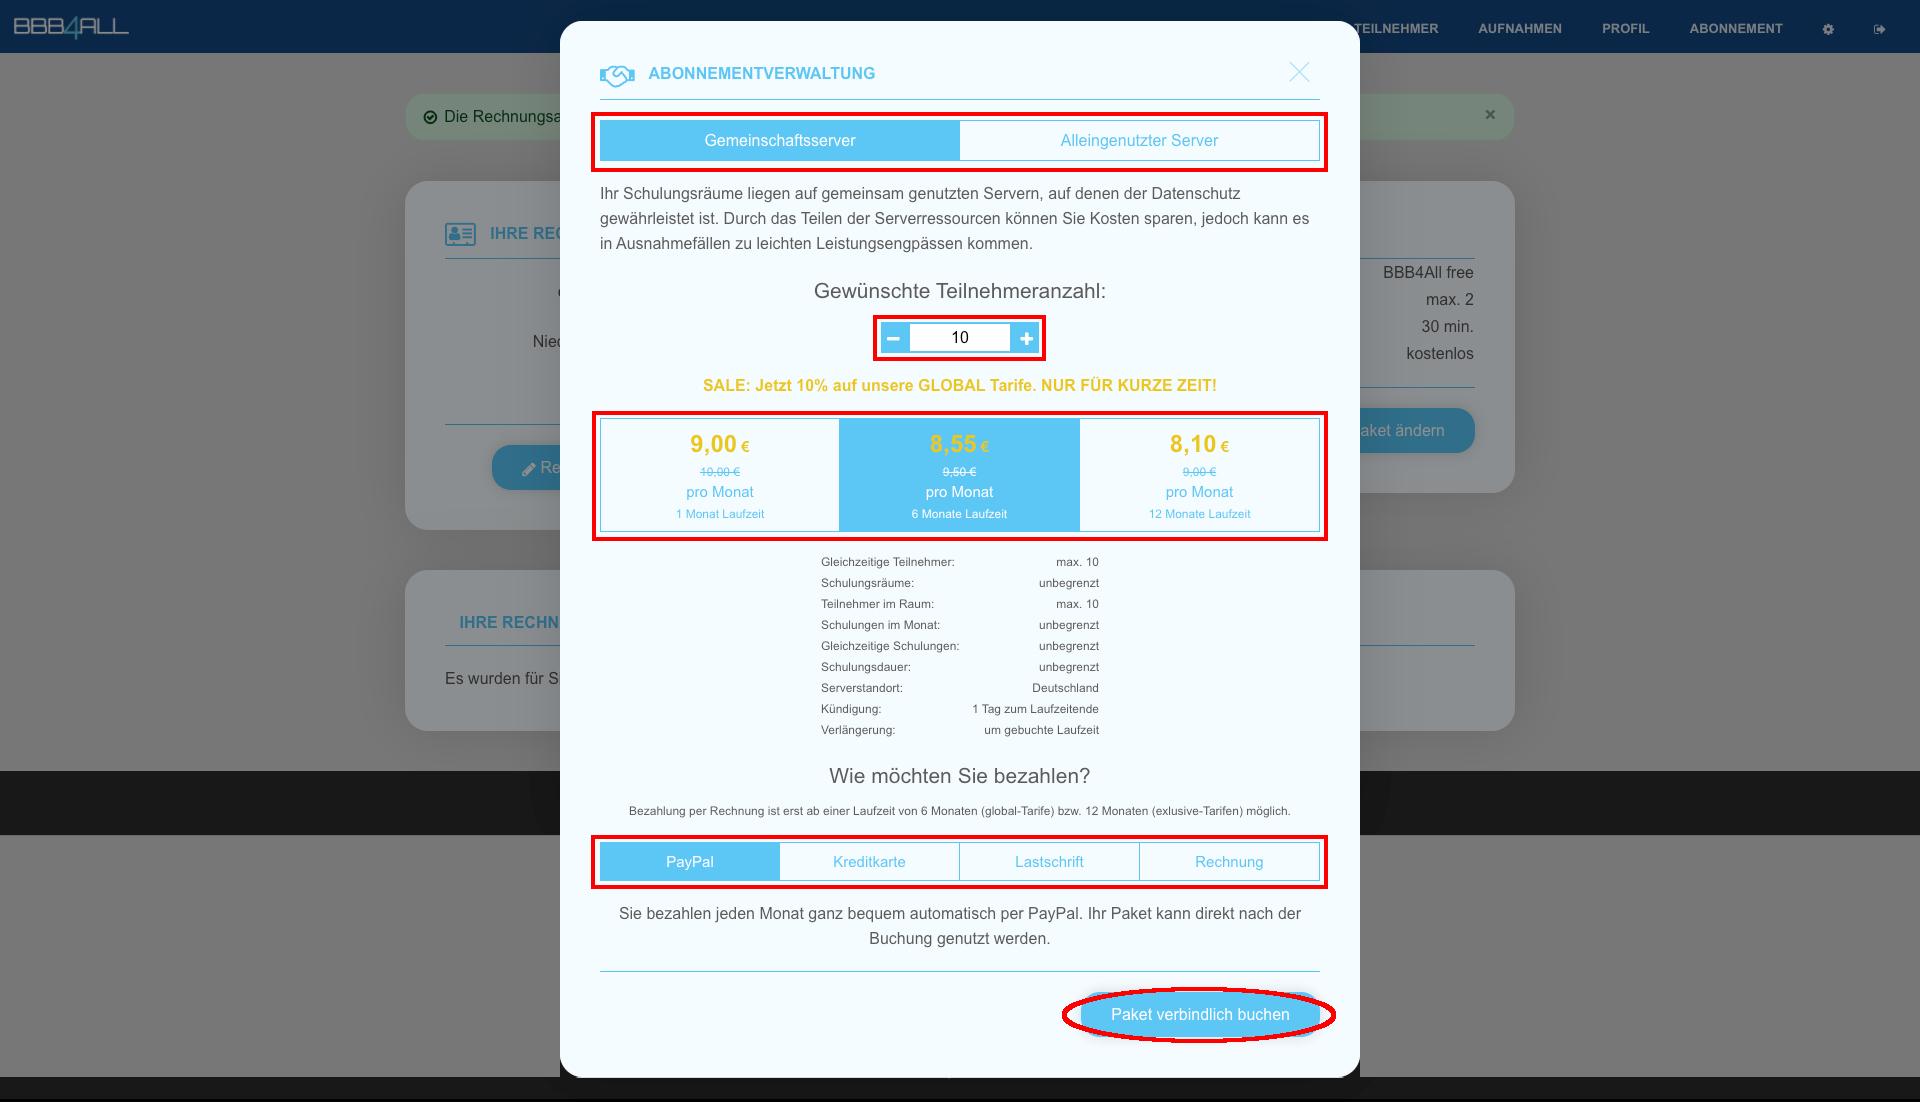 Schritt 5 - Füllen Sie das Buchungsformular aus und schließen anschließend die Zahlung ab